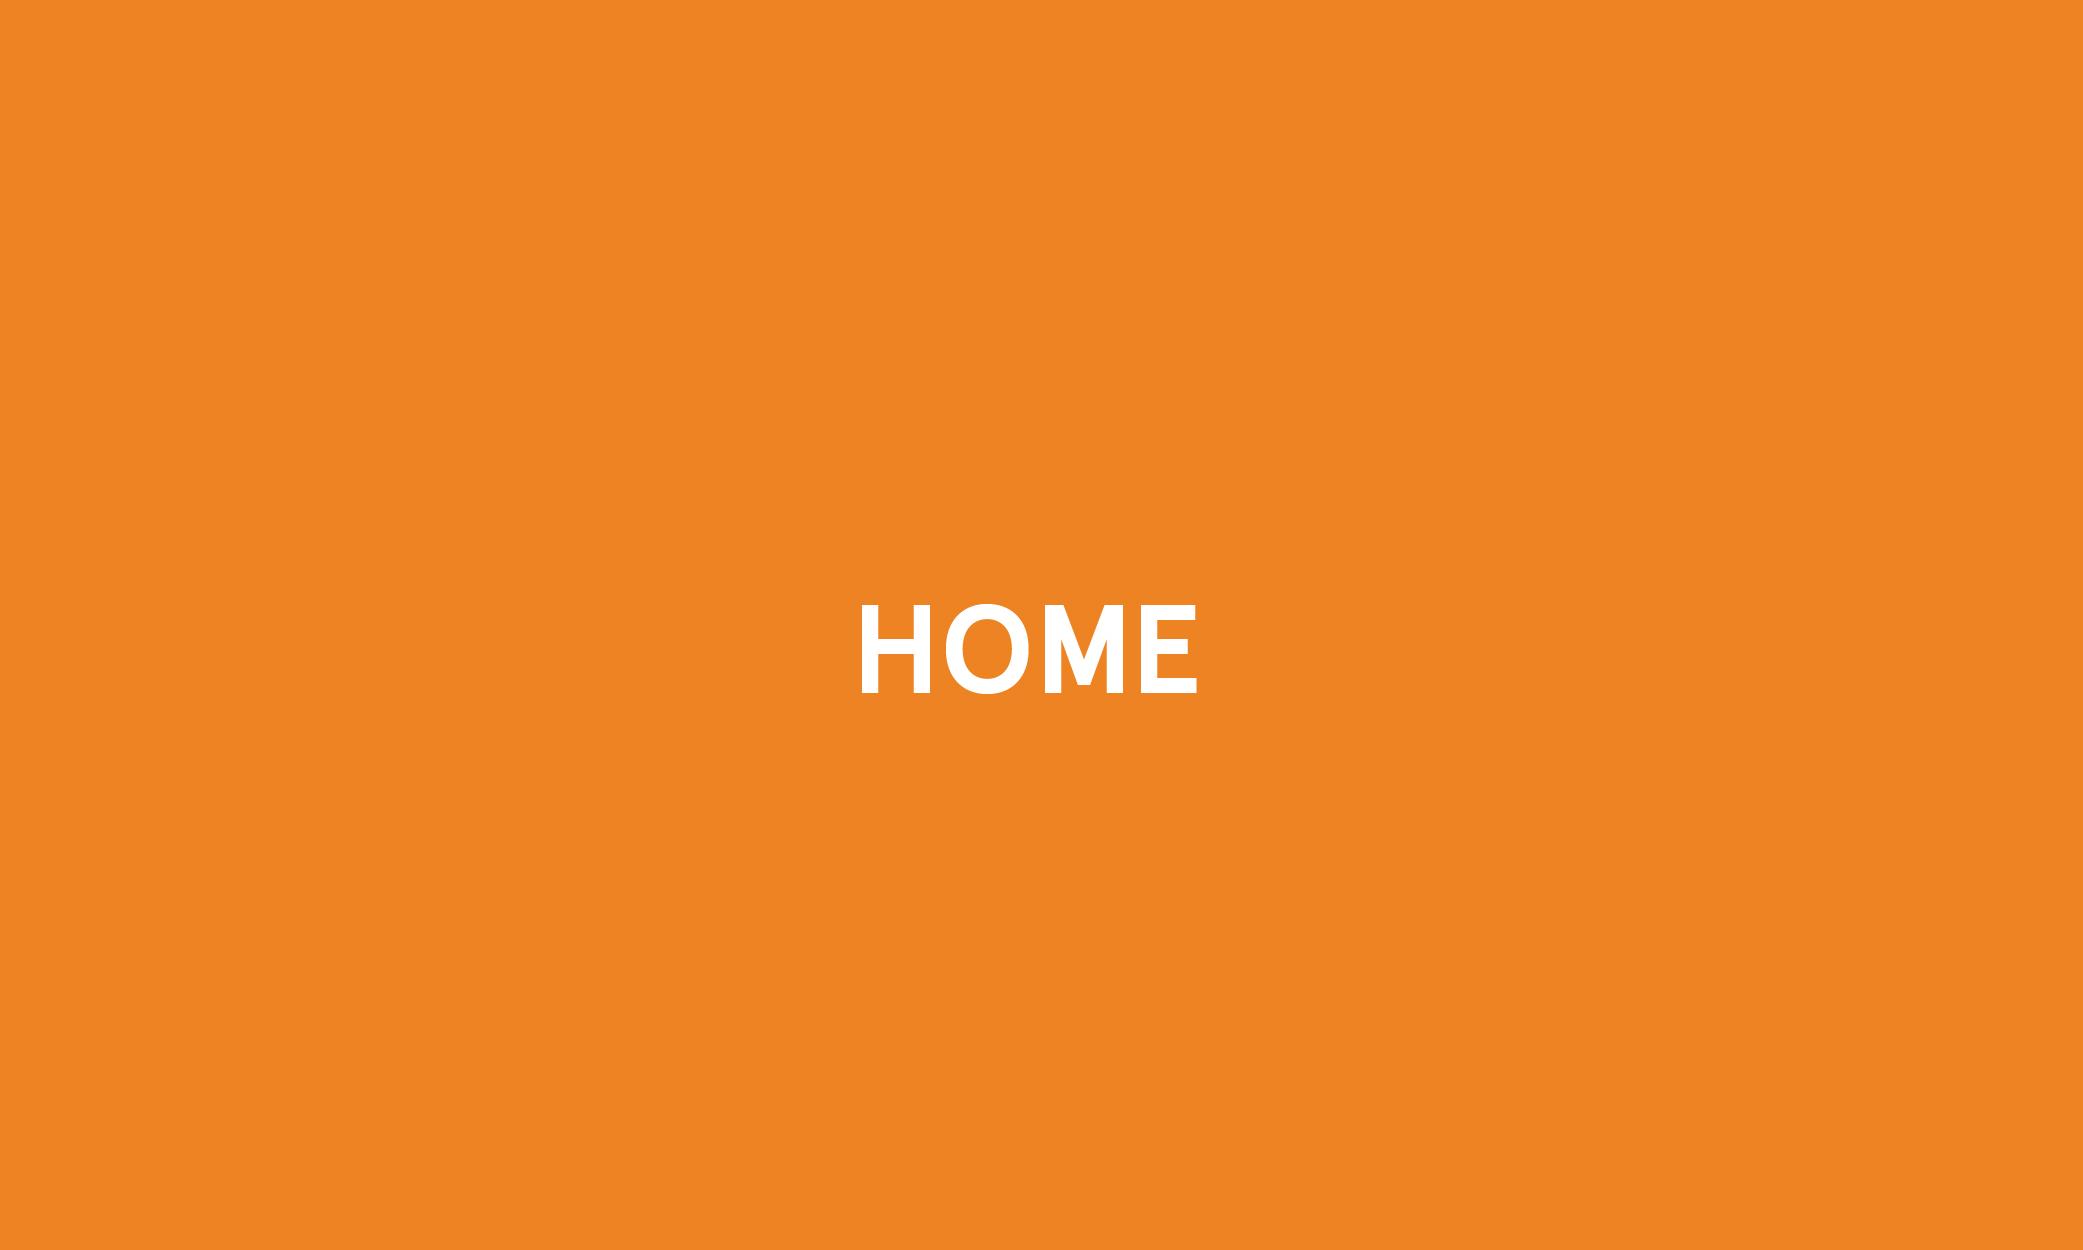 MSFV_Home-01